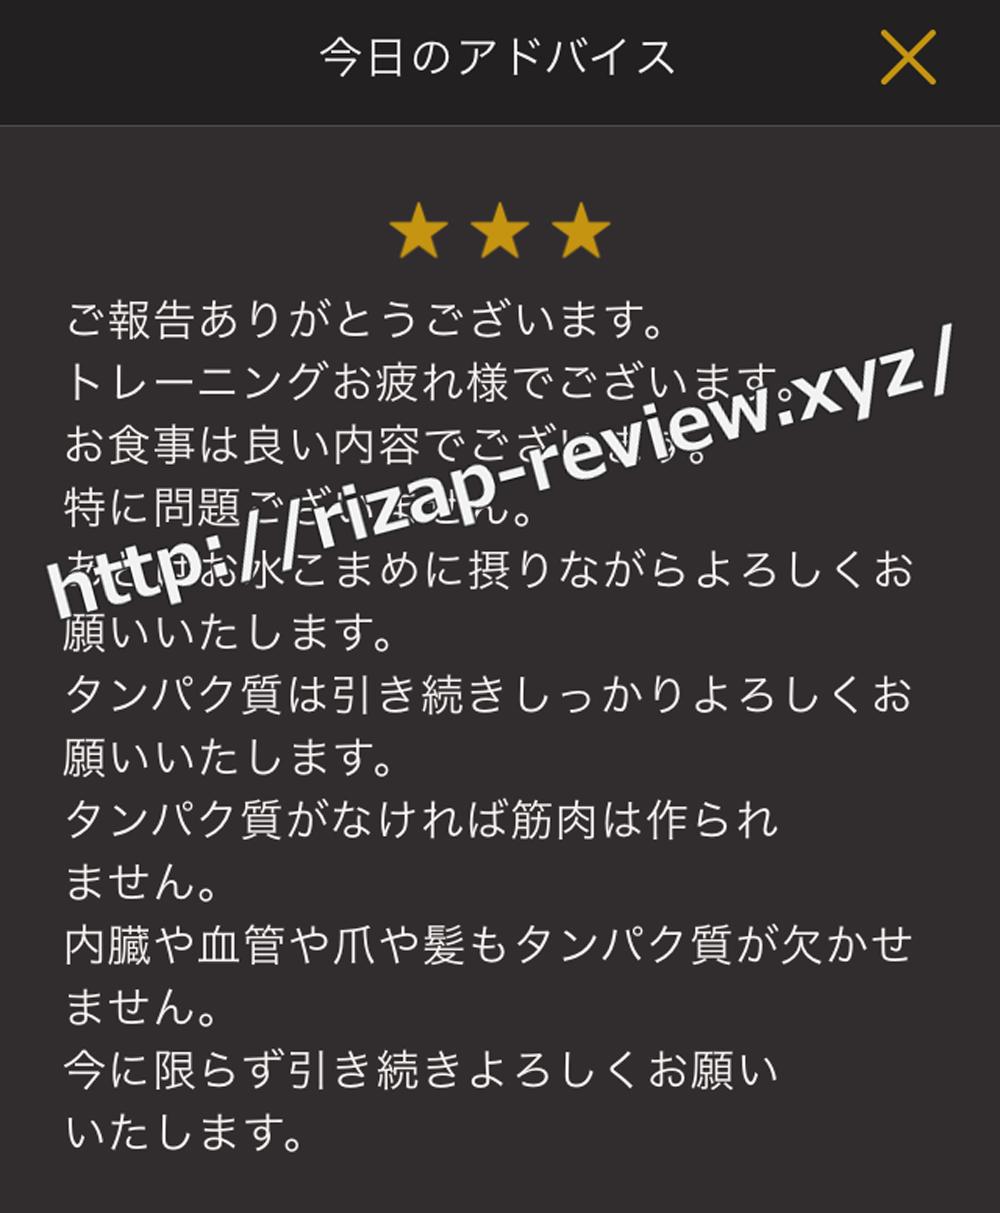 2018.1.6(日)ライザップ担当トレーナーからの総評・コメント